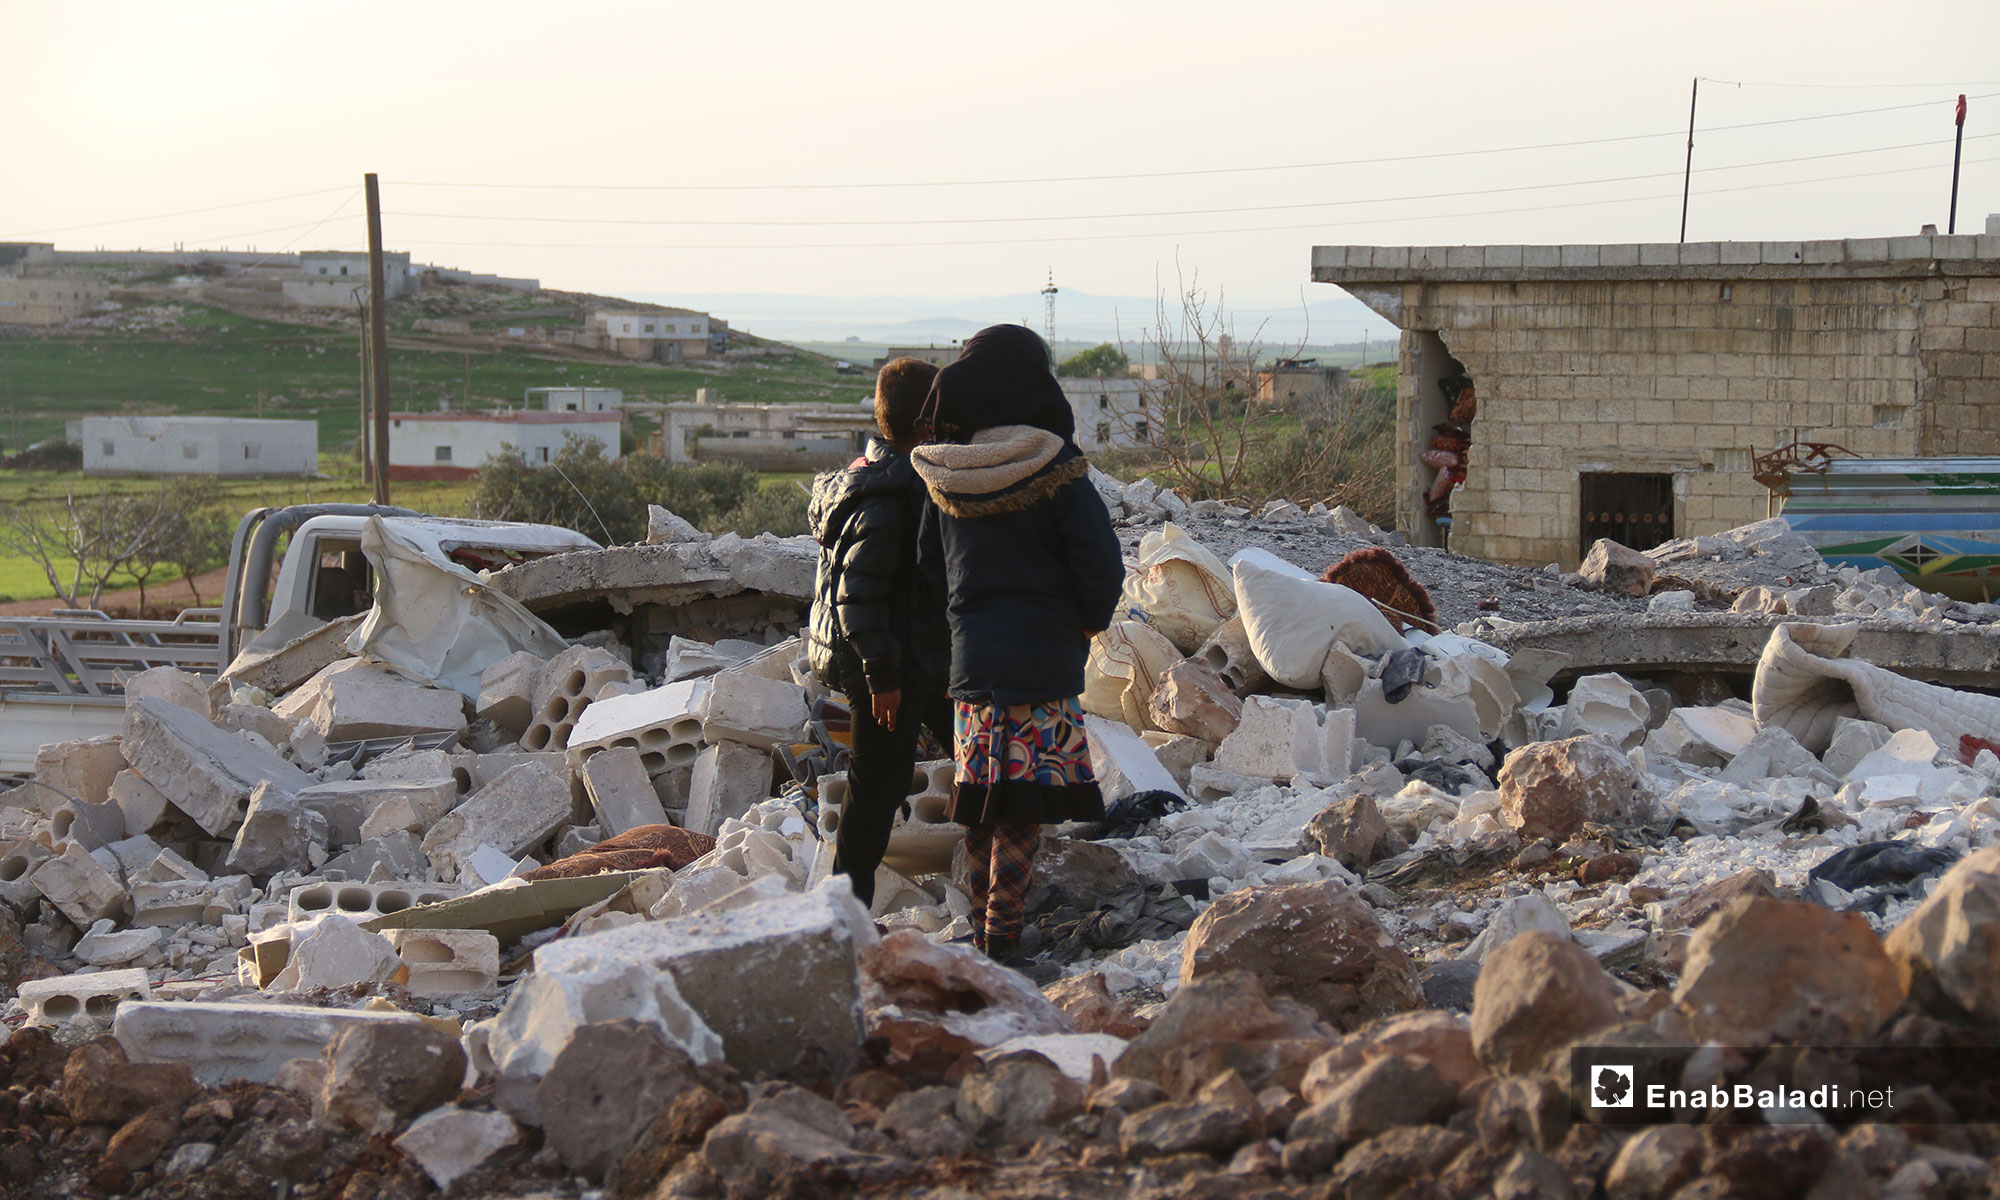 طفلان ينظران إلى ركام المنازل بعد قصف الطيران الروسي في بلدة الفقيع جنوبي إدلب - 21 من آذار 2019 (عنب بلدي)